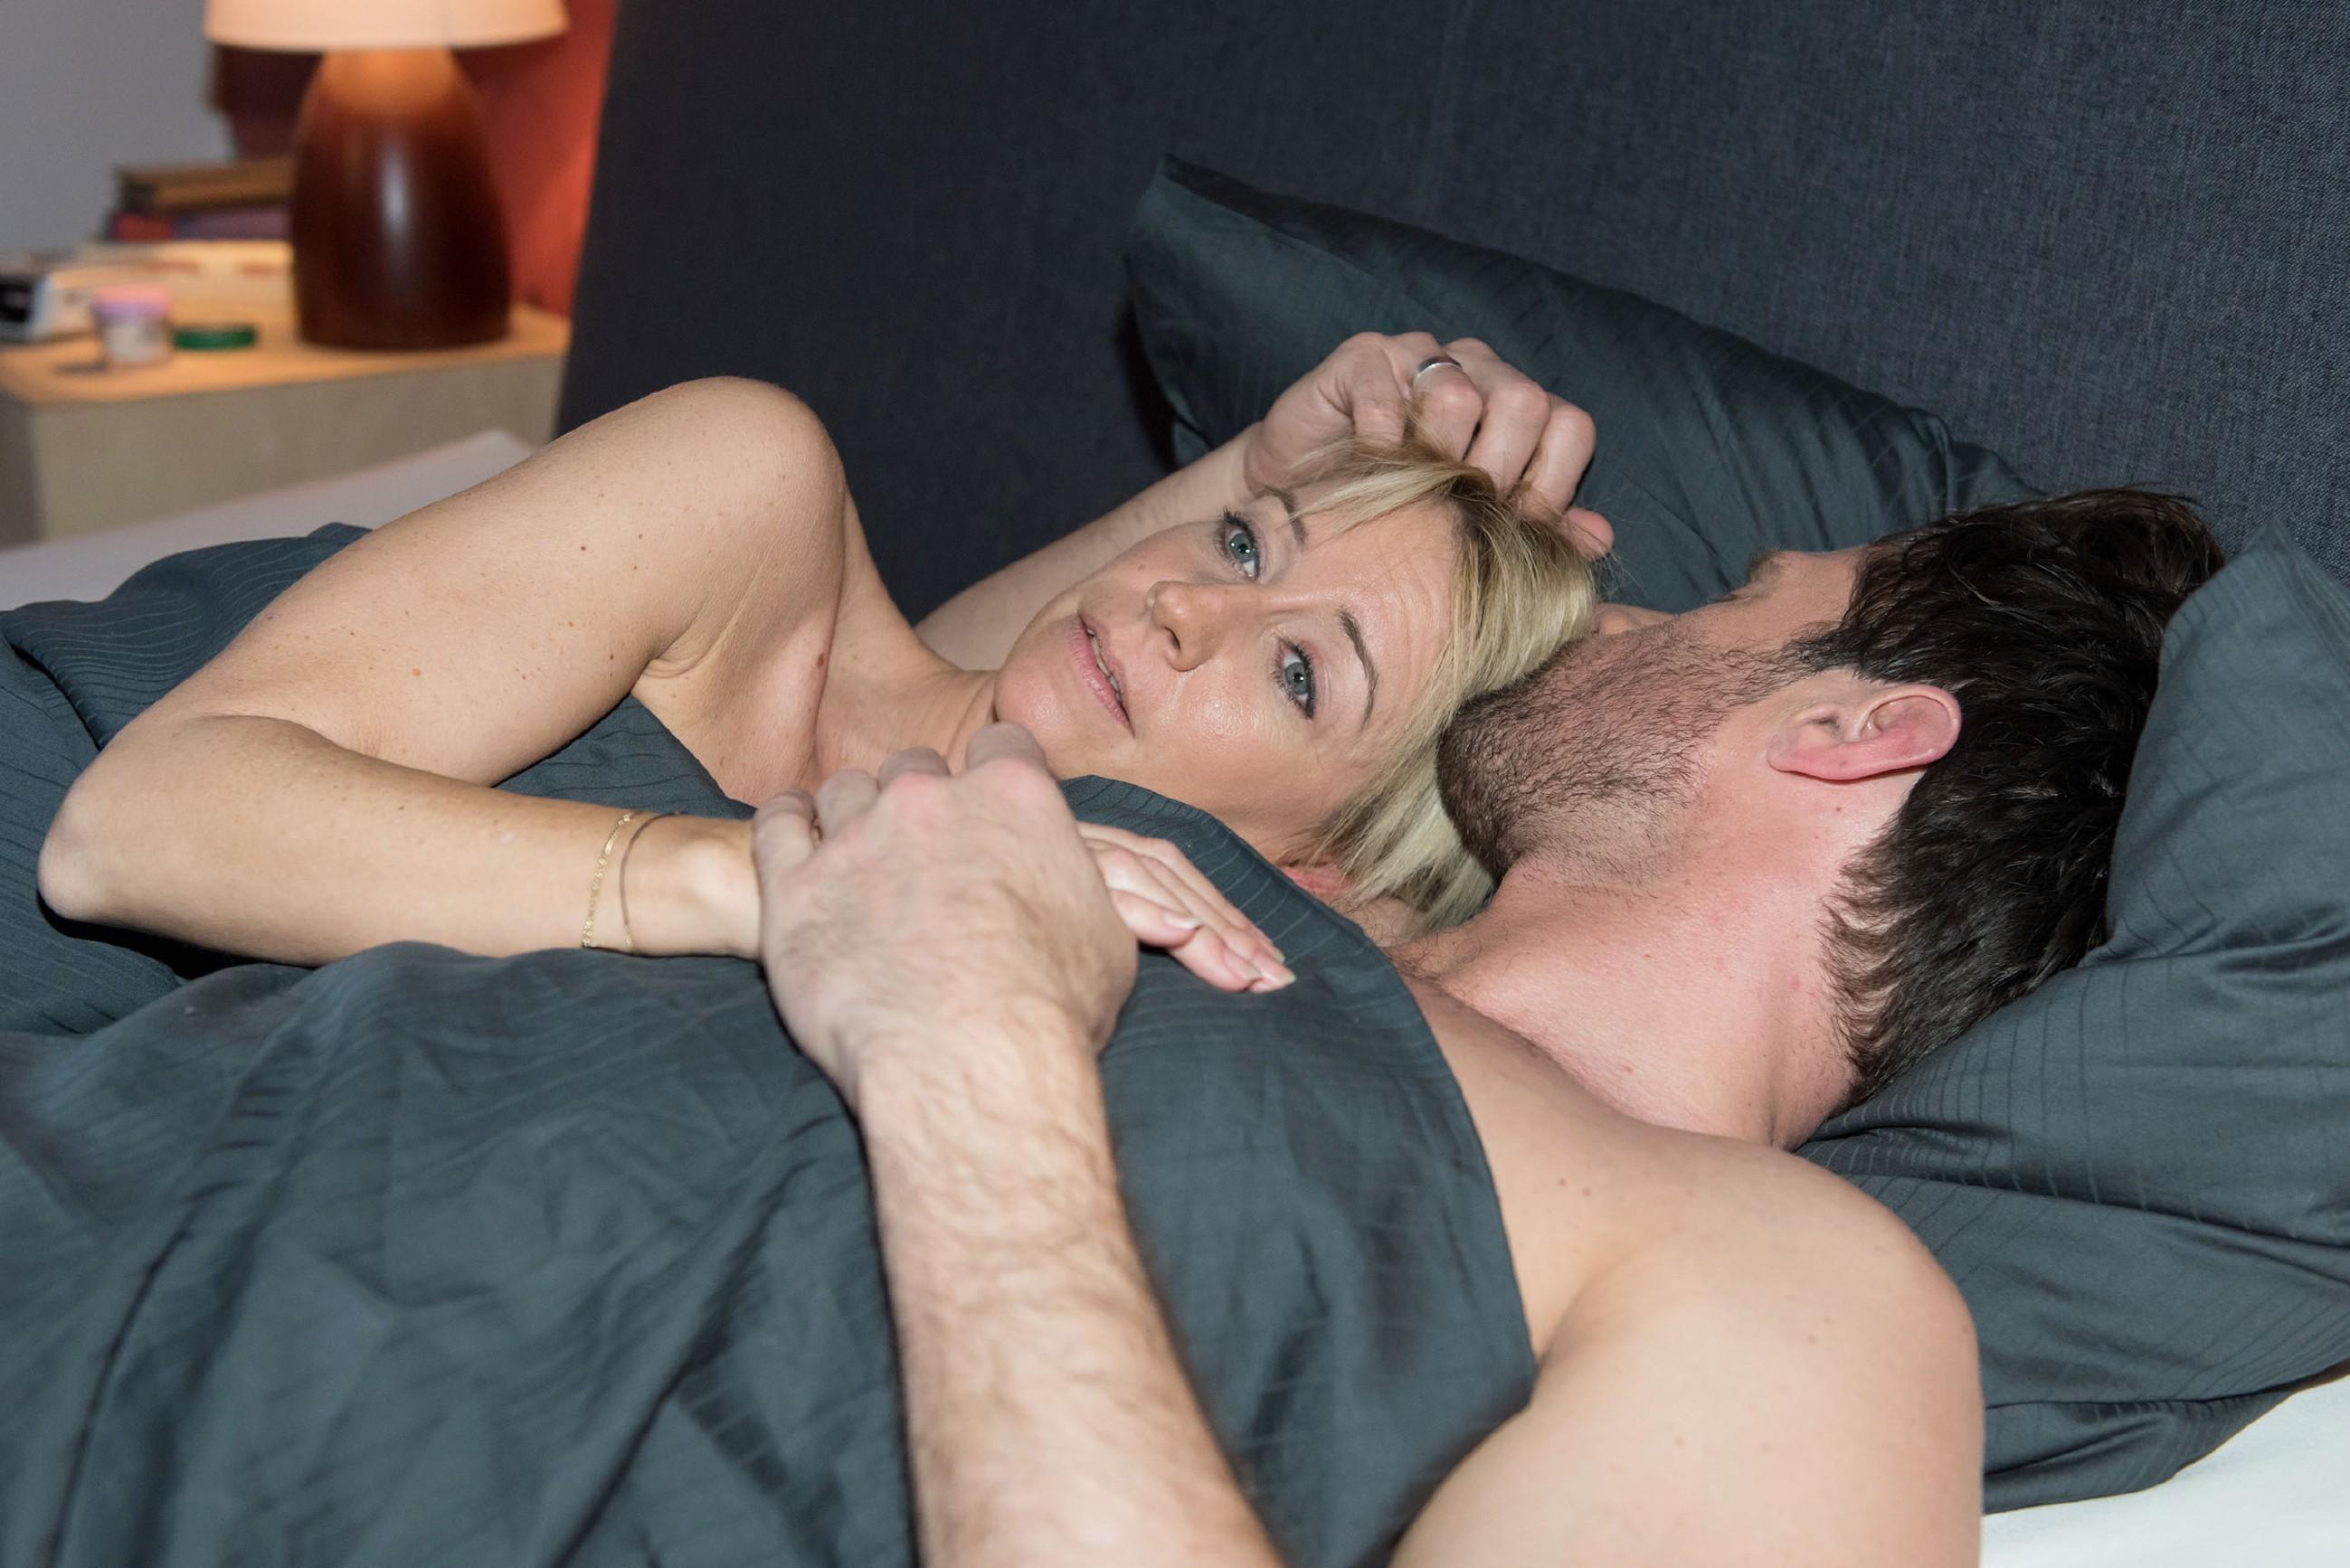 Während die gemeinsame Nacht bei Henning (Benjamin Kiss) die Hoffnung schürt, dass sie ihre Beziehung wieder kitten können, wird Ute (Isabell Hertel) immer nachdenklicher... (Quelle: RTL / Stefan Behrens)